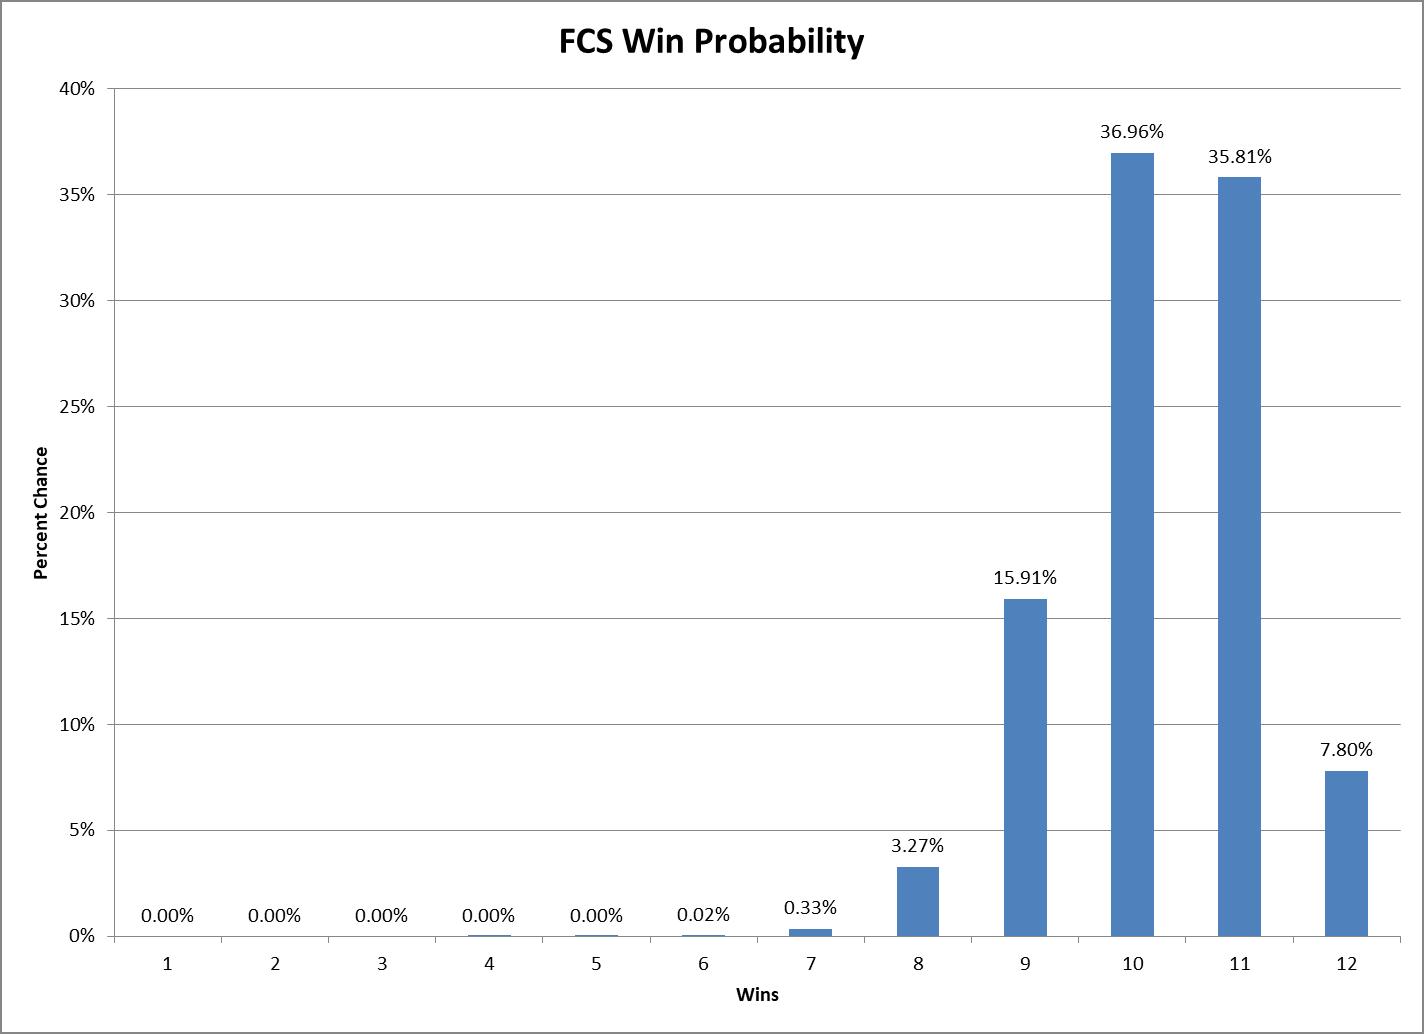 FCS Win Prob